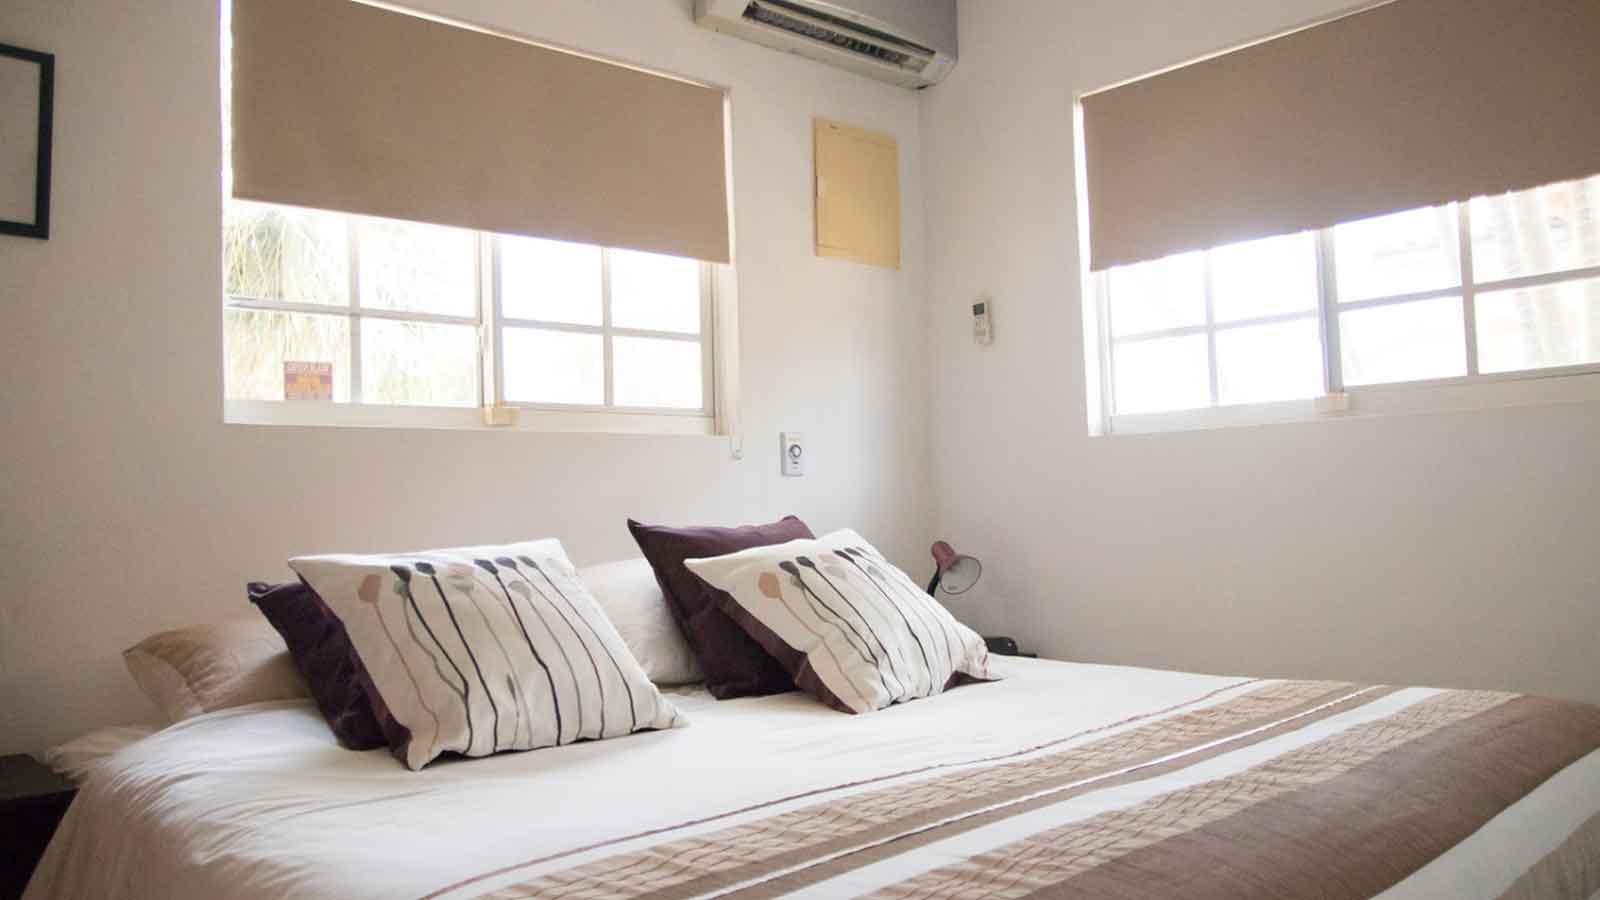 Vakantiehuis Aruba slaapkamer 2 - DE WONING